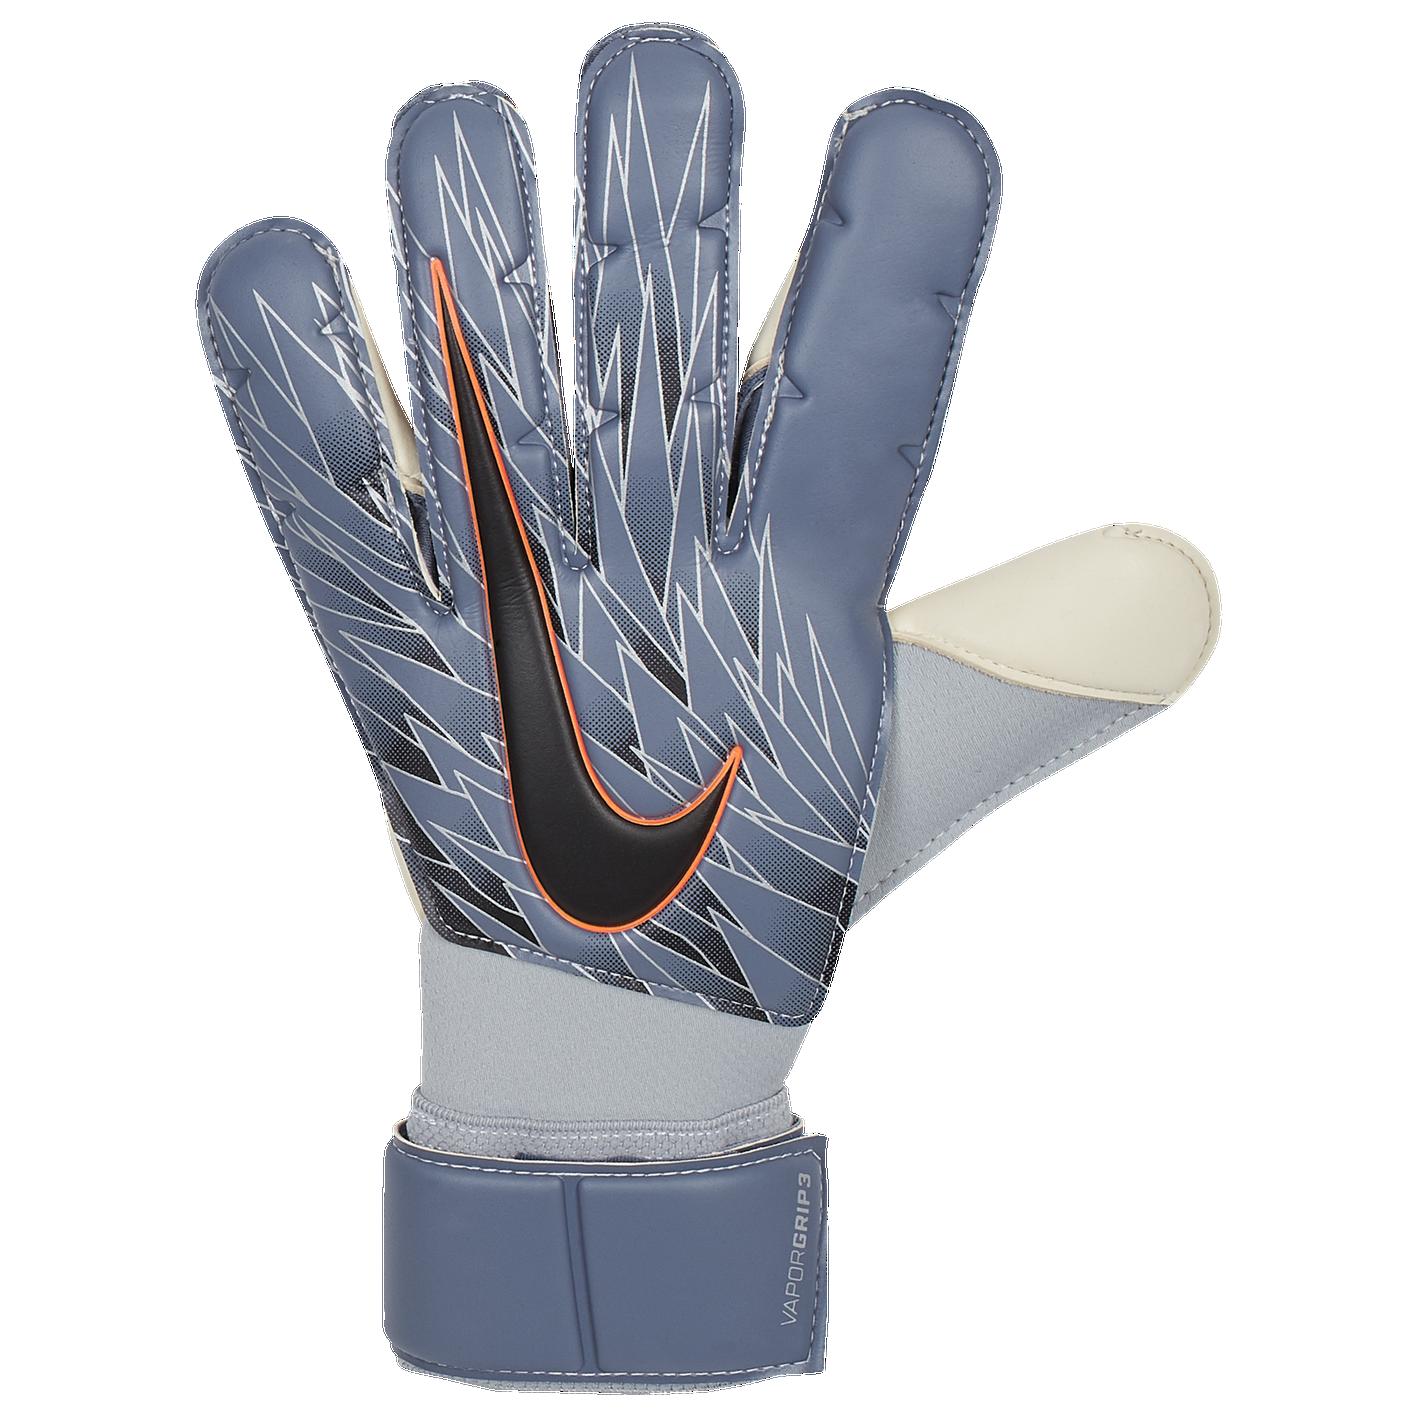 2e25ea6fb Nike Vapor Grip 3 Goalkeeper Gloves - Soccer - Sport Equipment ...